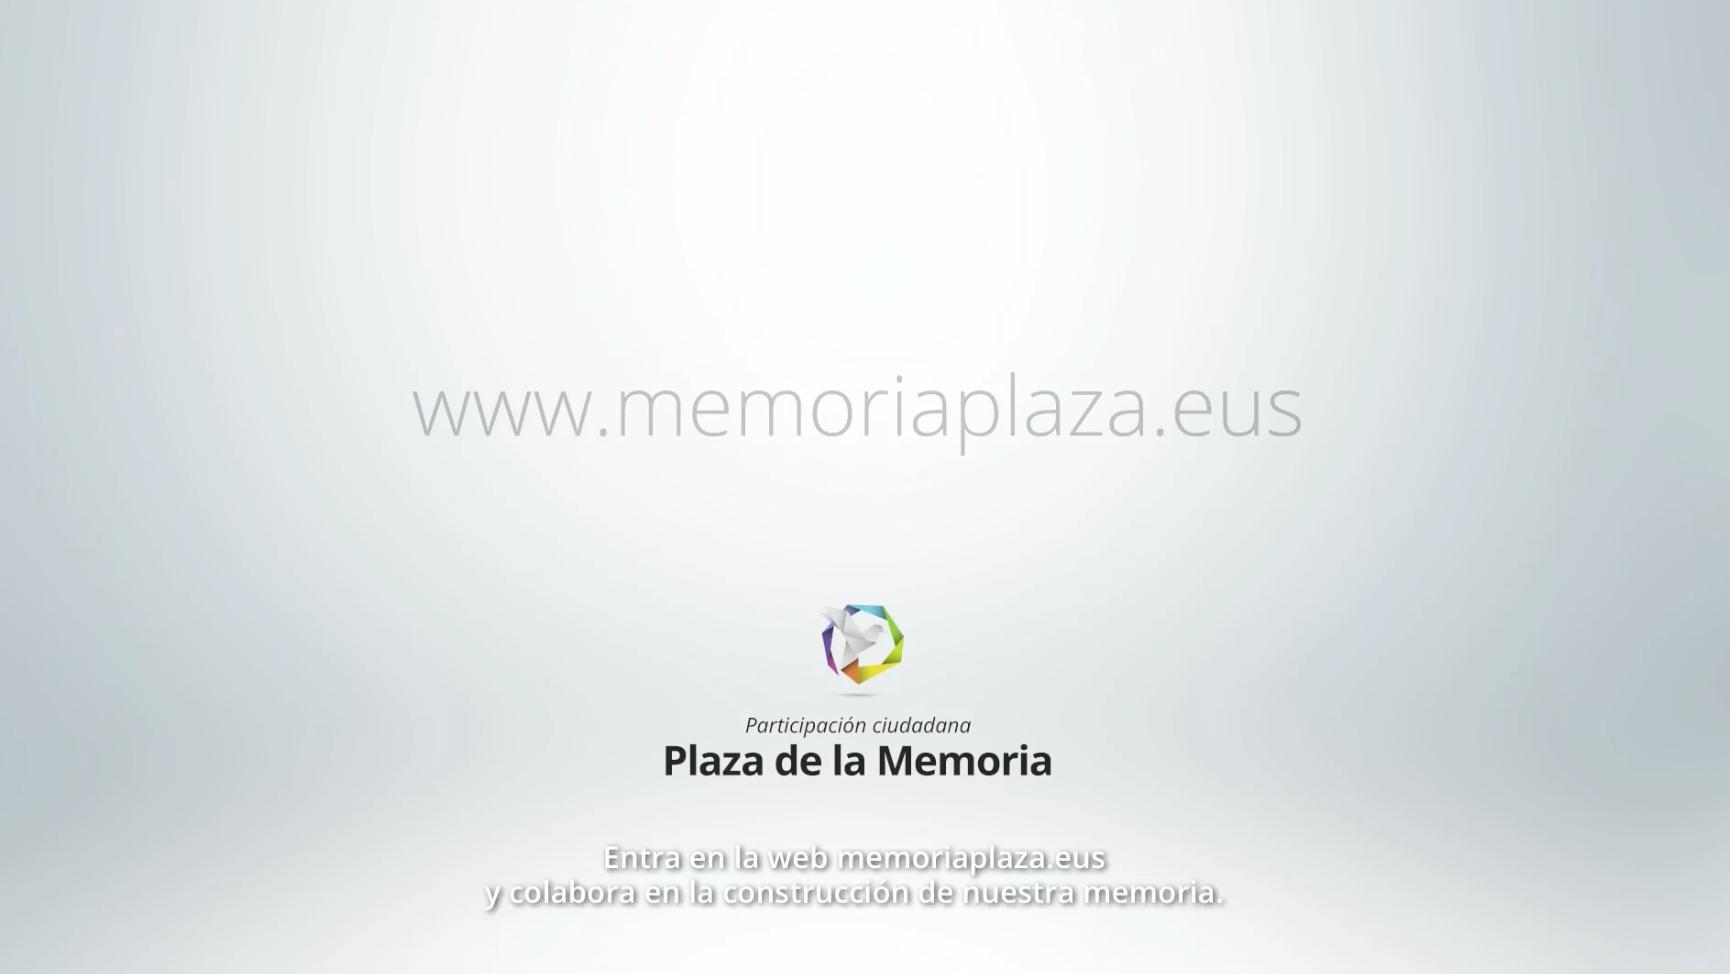 plaza_memoria_02_es.jpg